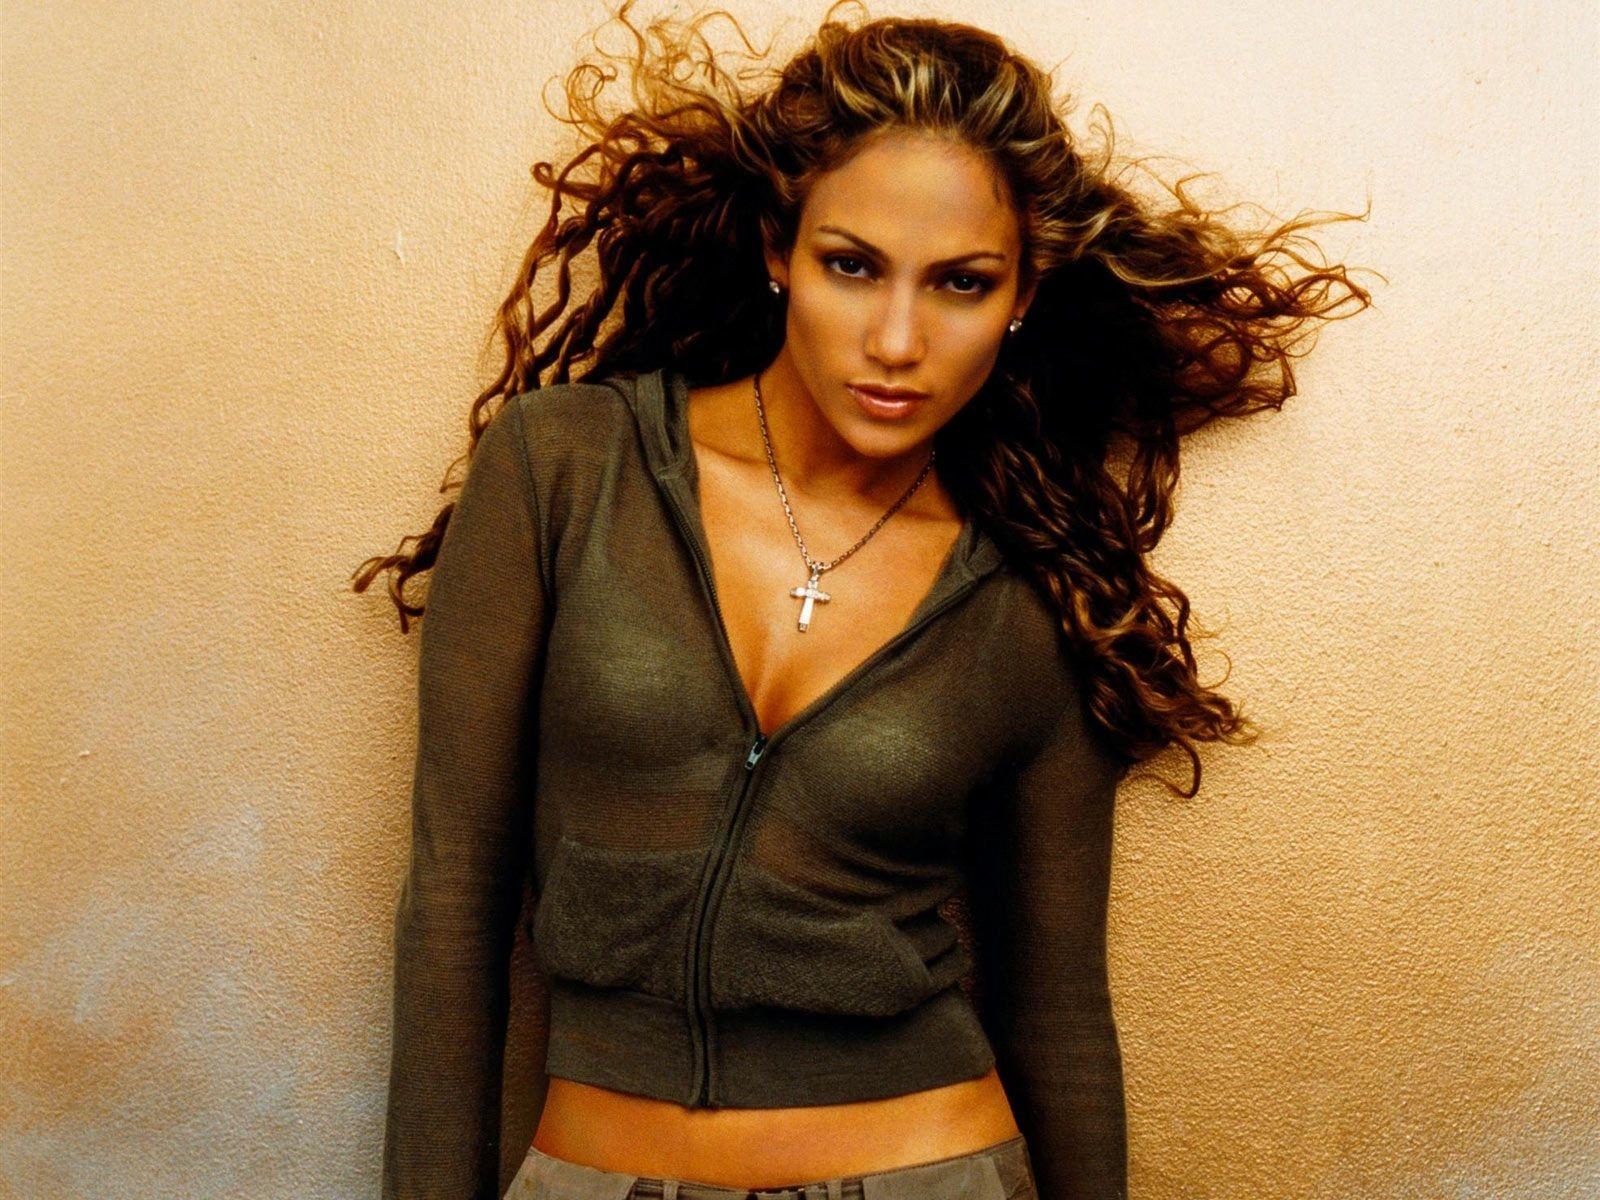 Wallpaper della popstar e attrice Jennifer Lopez